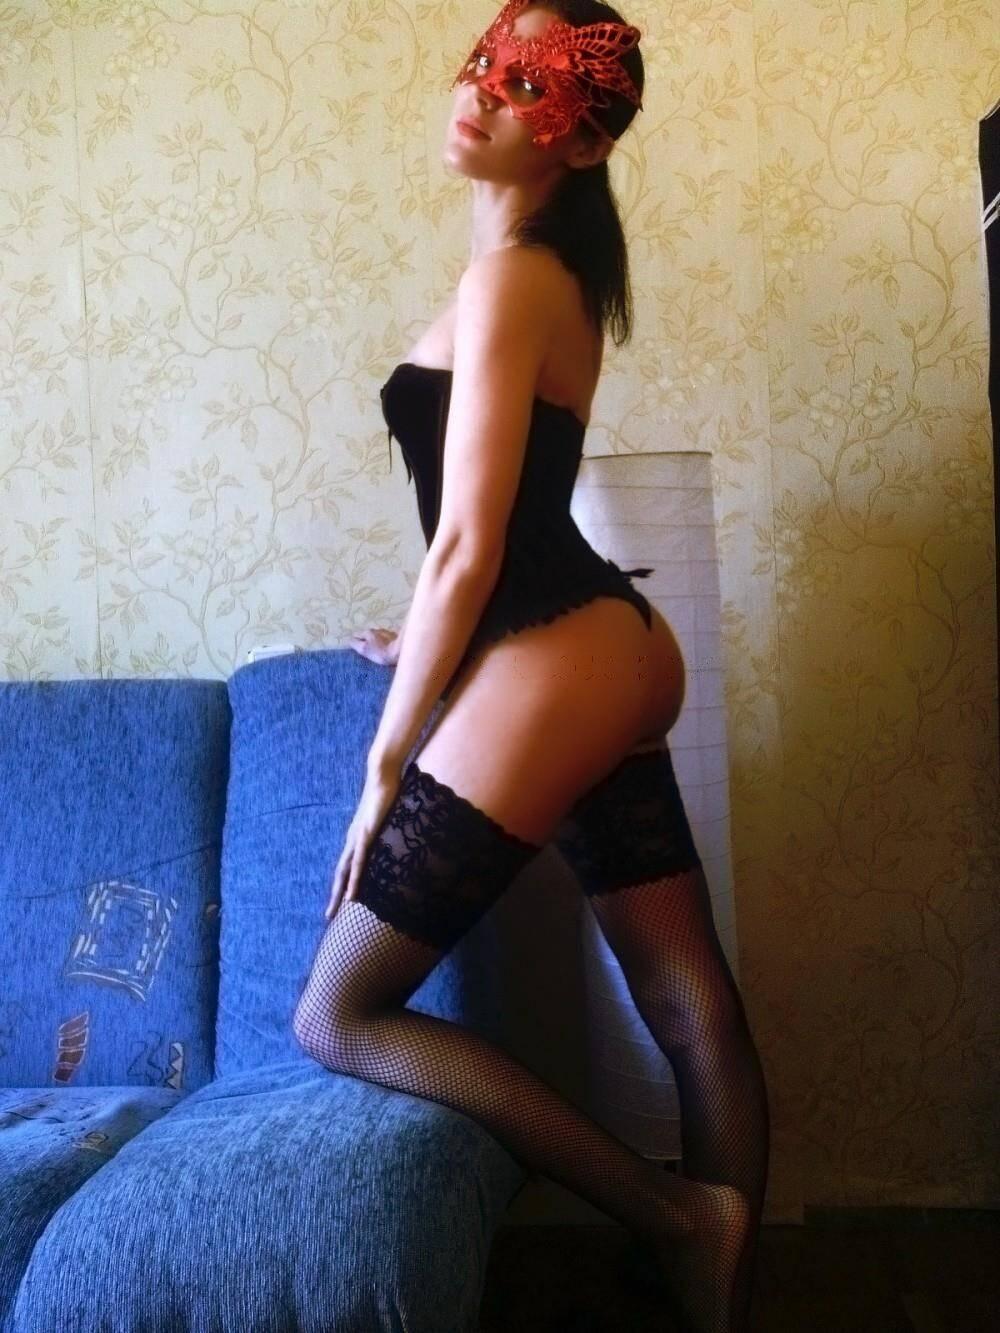 Индивидуалки казань недорого - Порно онлайн для самых несомненных ...